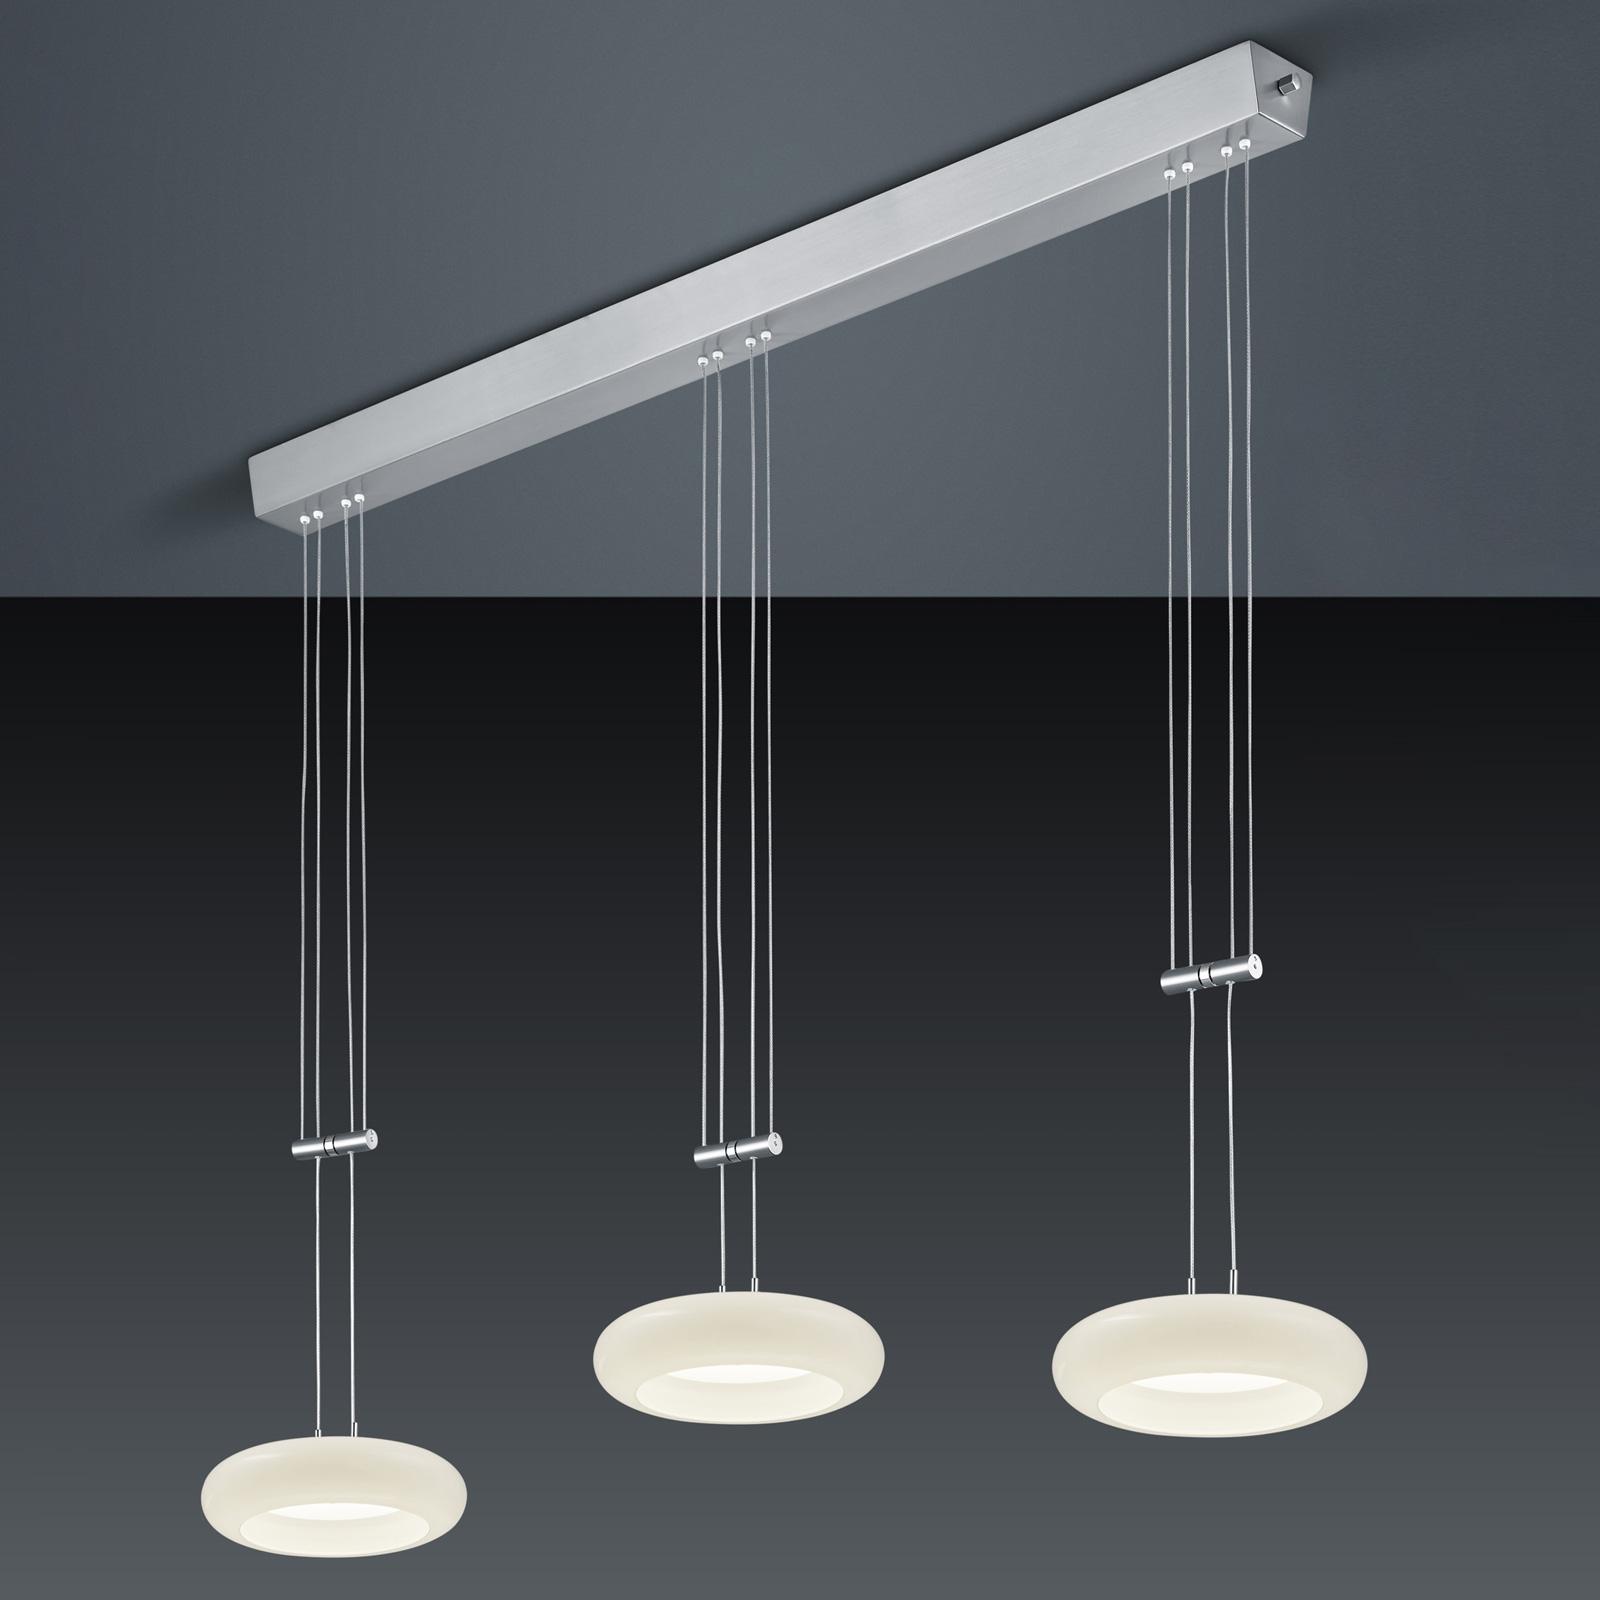 BANKAMP Centa hanglamp 3-lamps nikkel